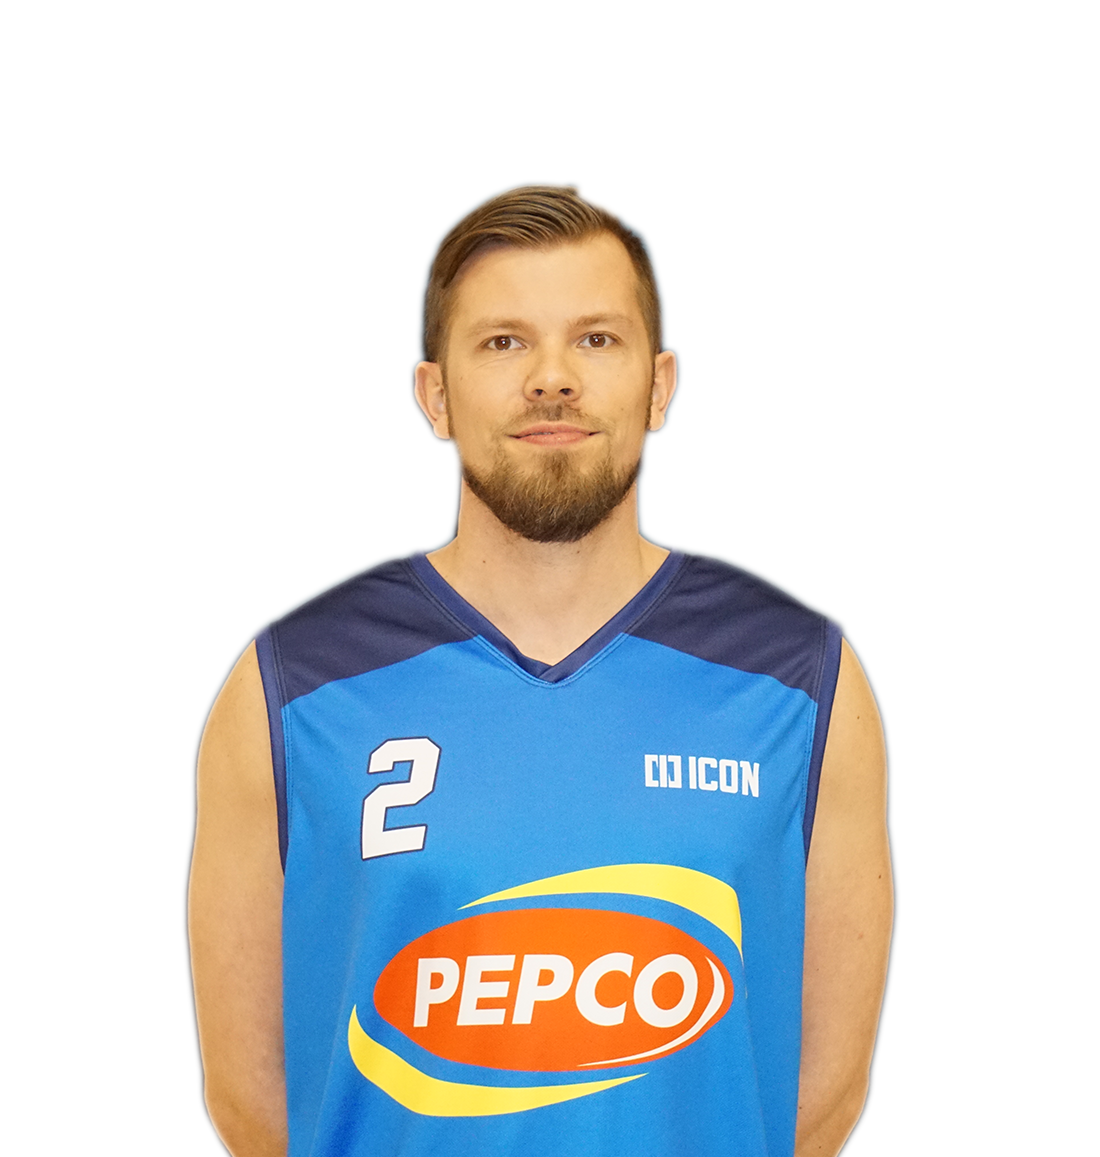 Tomasz Fleischer